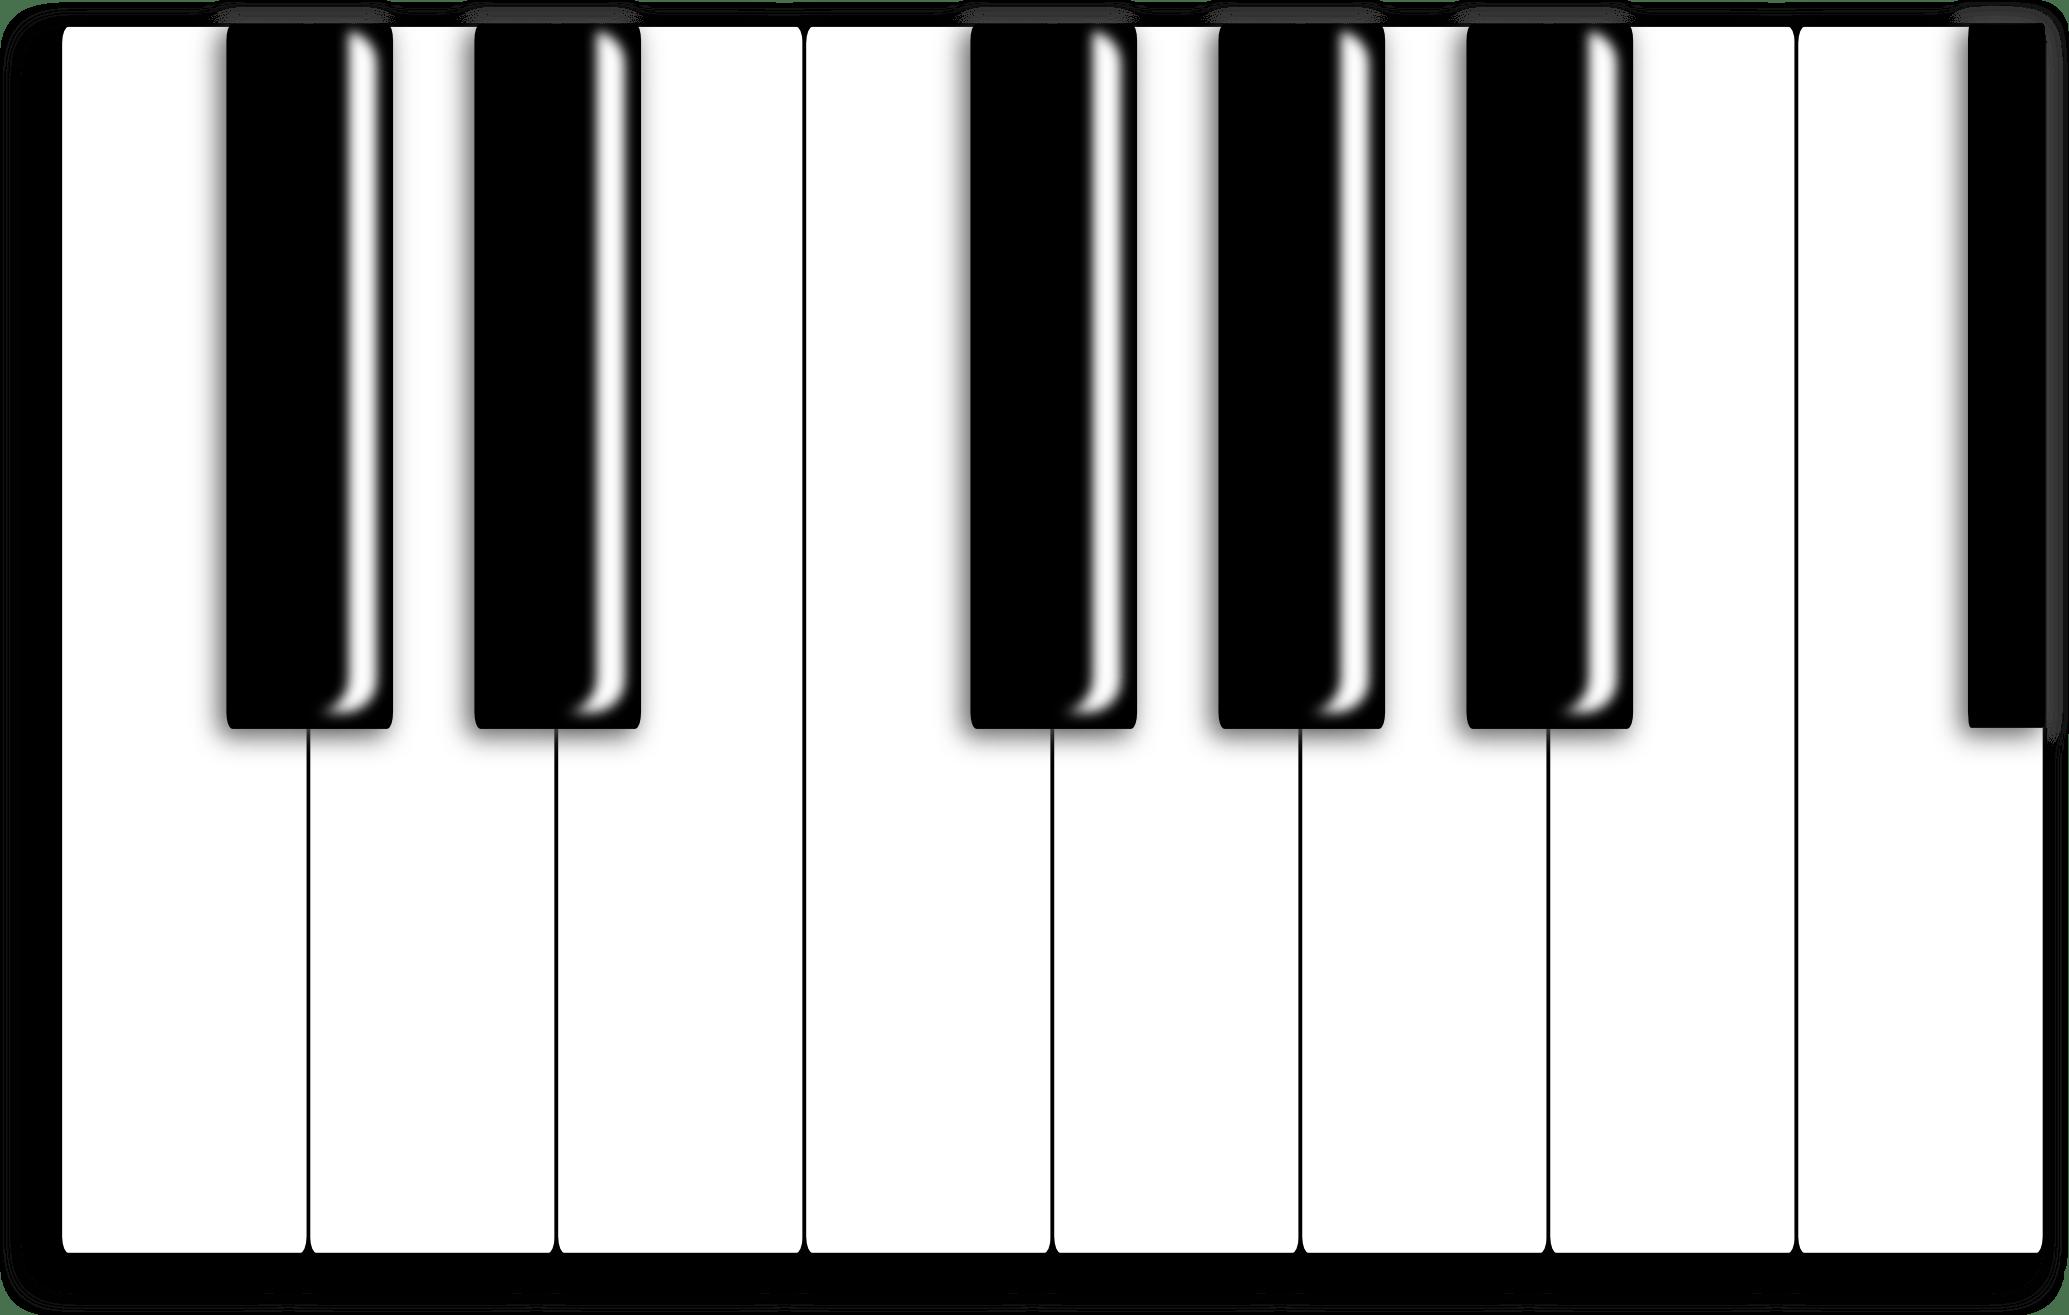 88 key piano keyboard diagram 2001 gmc sierra stereo wiring blank clipart best